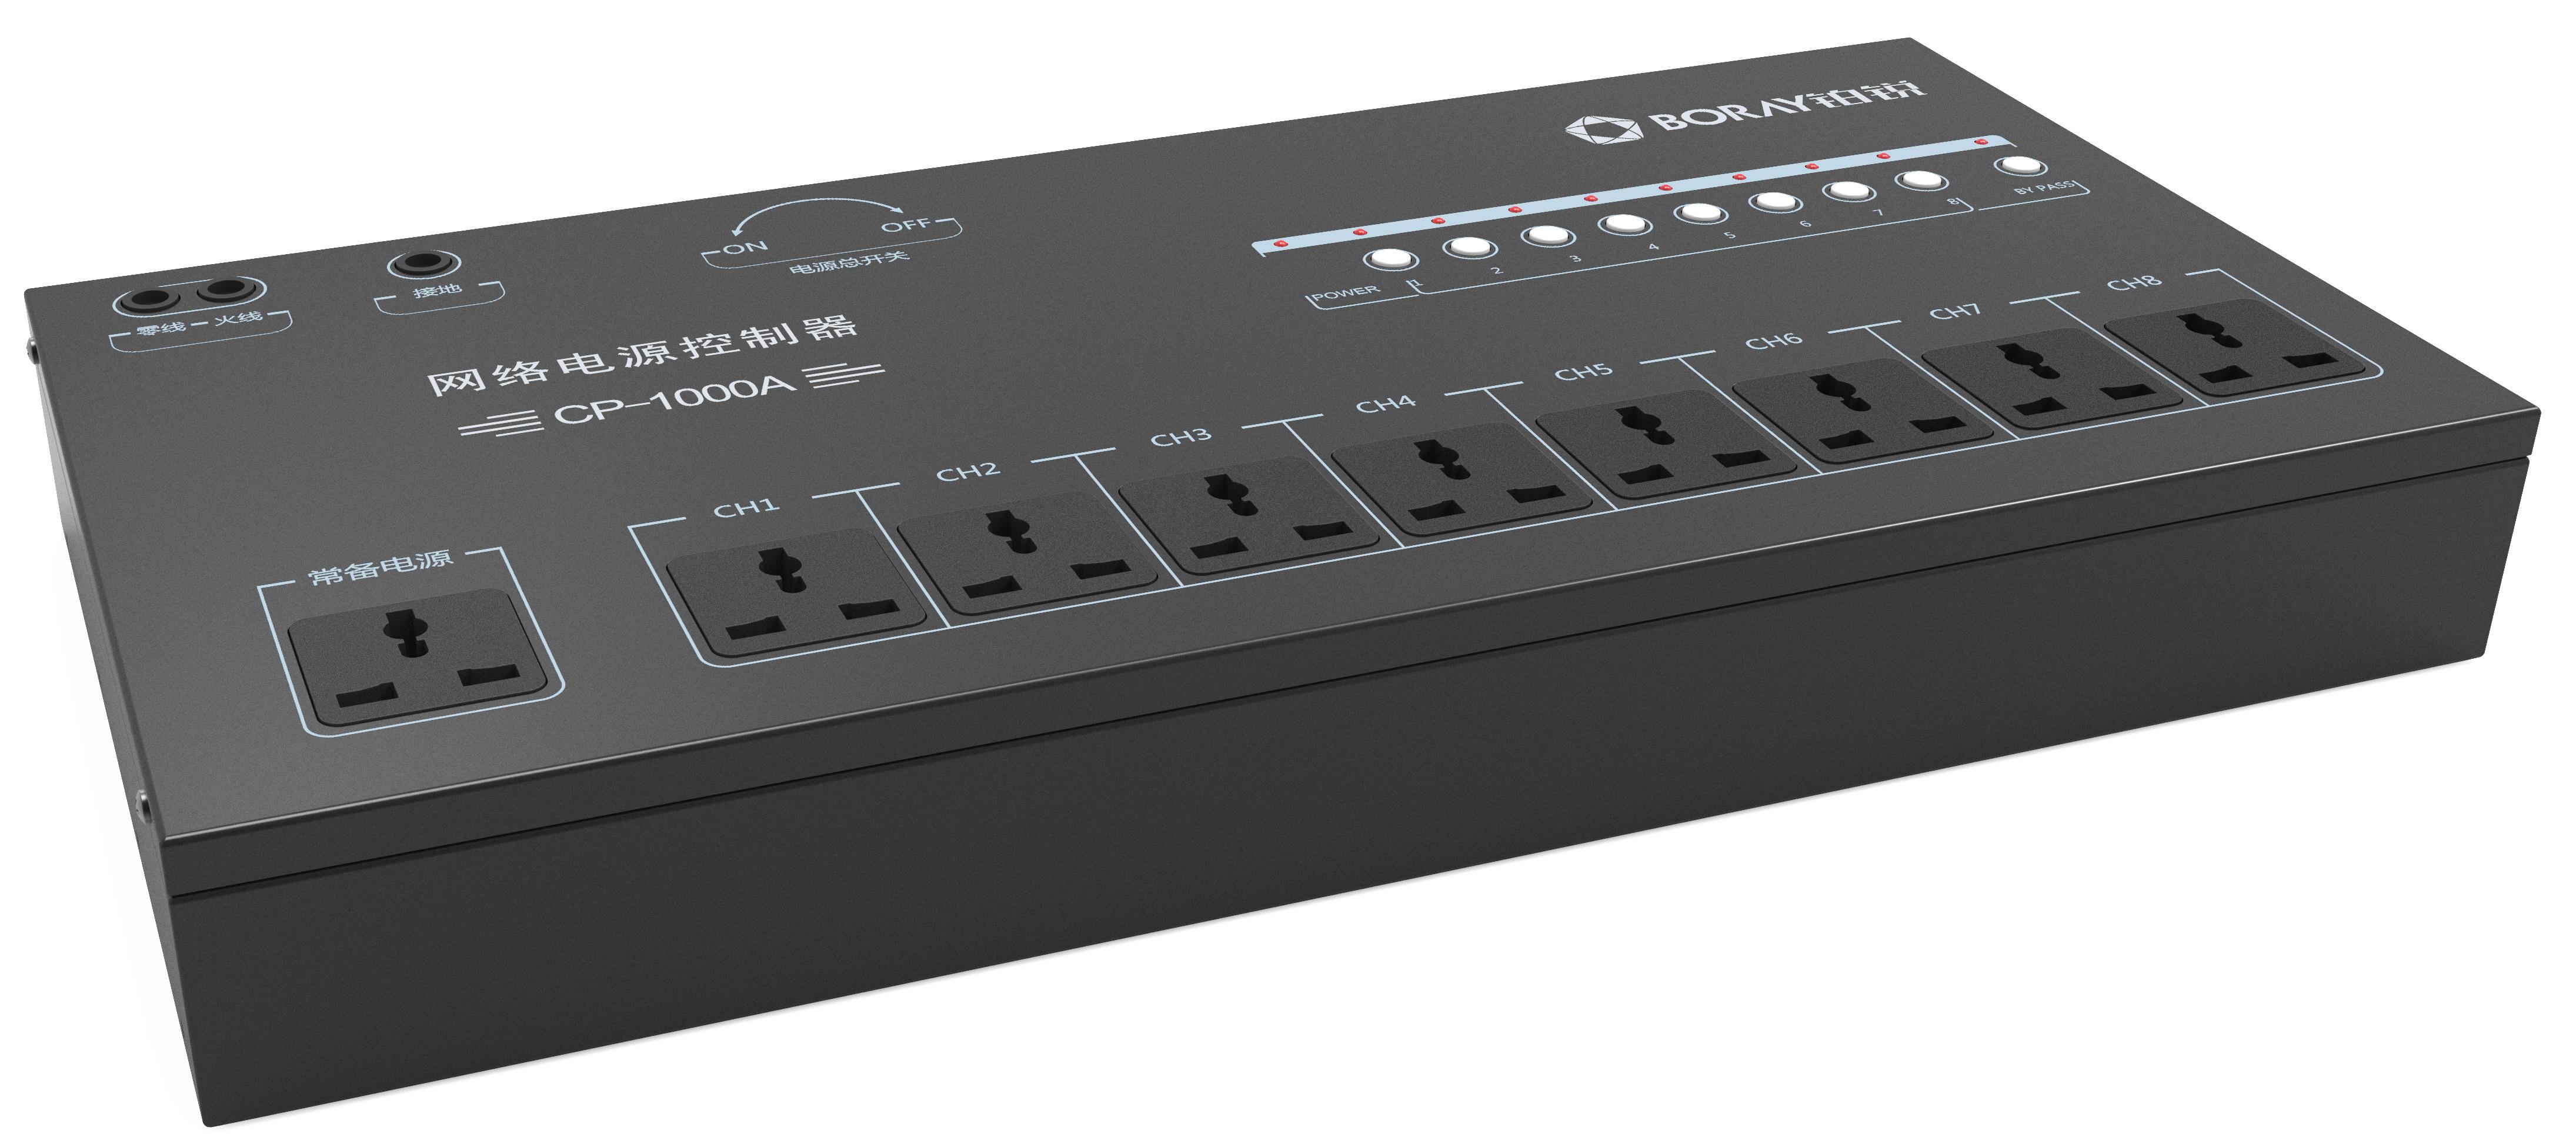 铂锐网络电源控制器CP-1000A:KTV包房设备电源管家